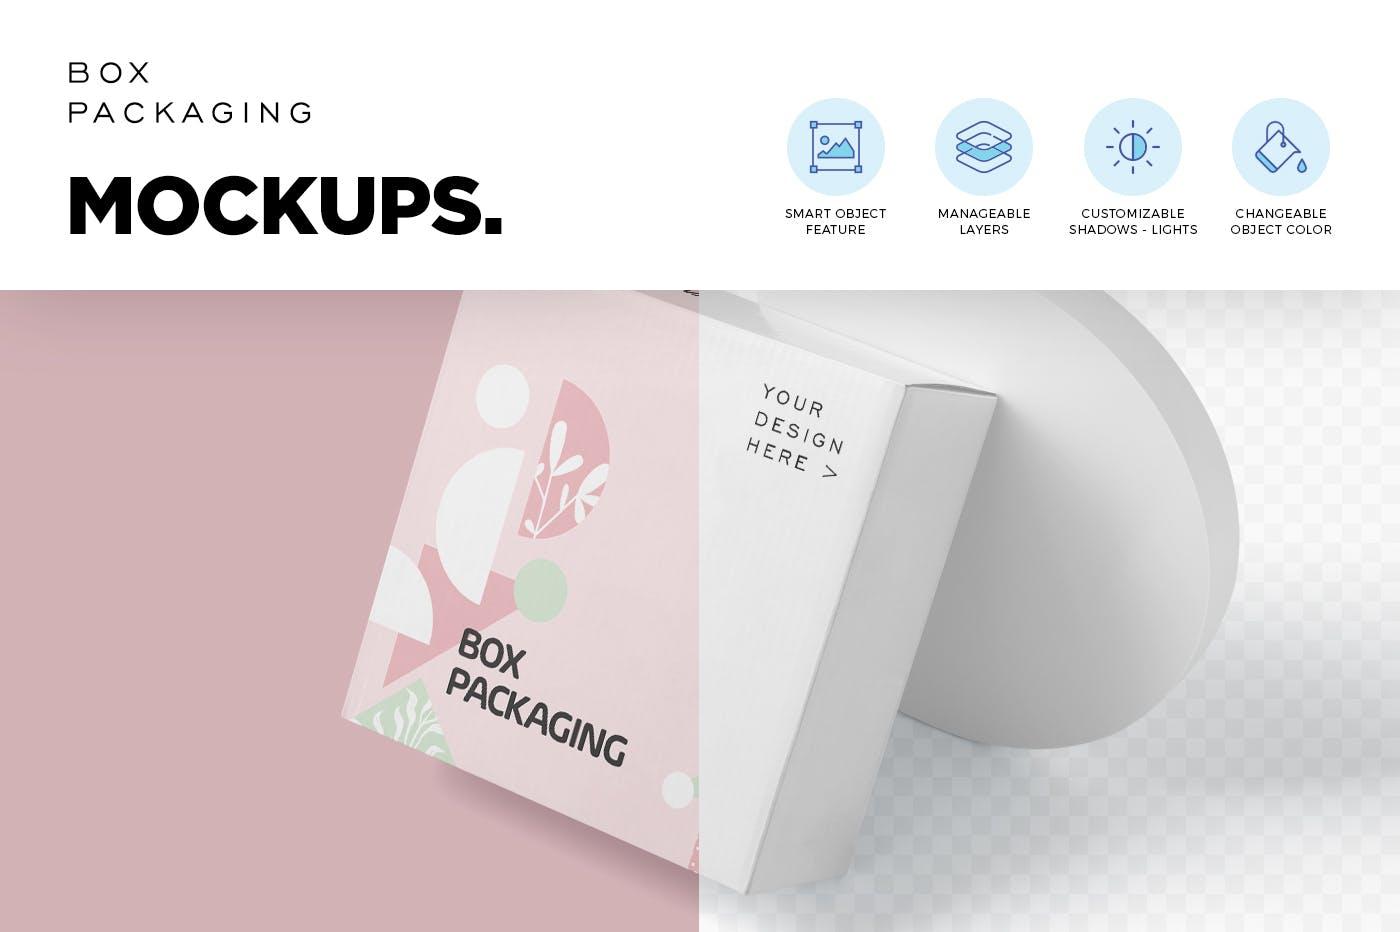 4款时尚产品包装纸盒外观设计PSD样机 Box Packaging Mockups插图2